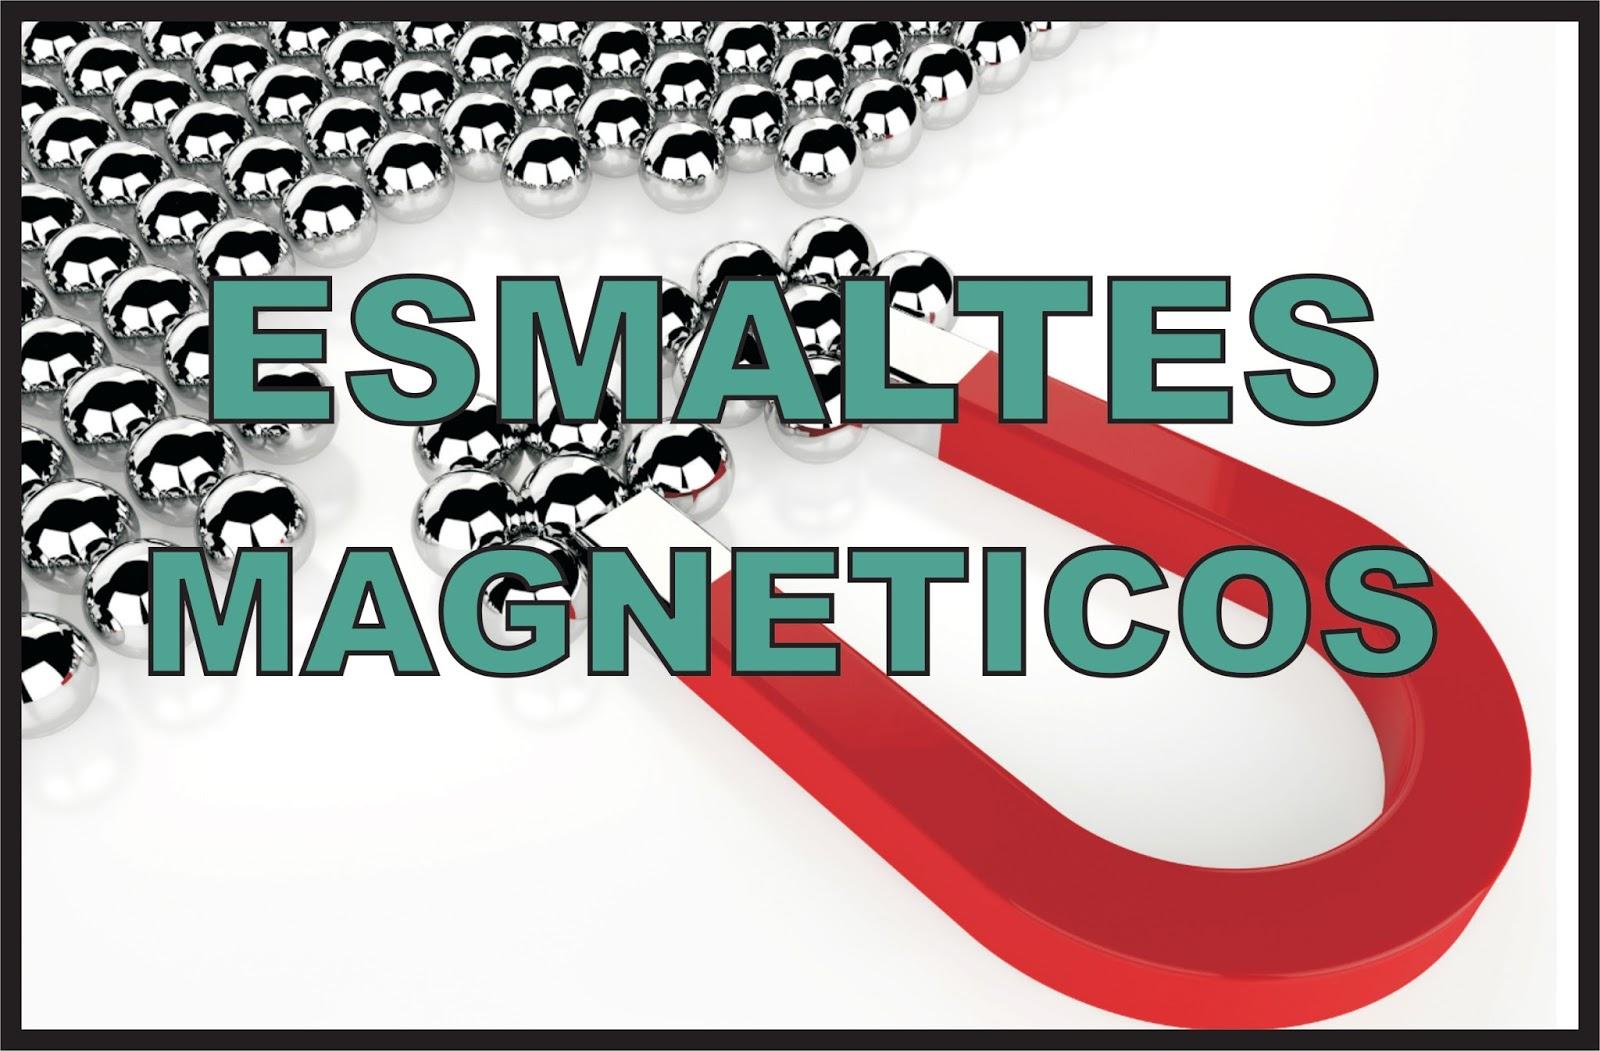 Un poco de esmaltes: ¿Como funciona un esmalte magnético?